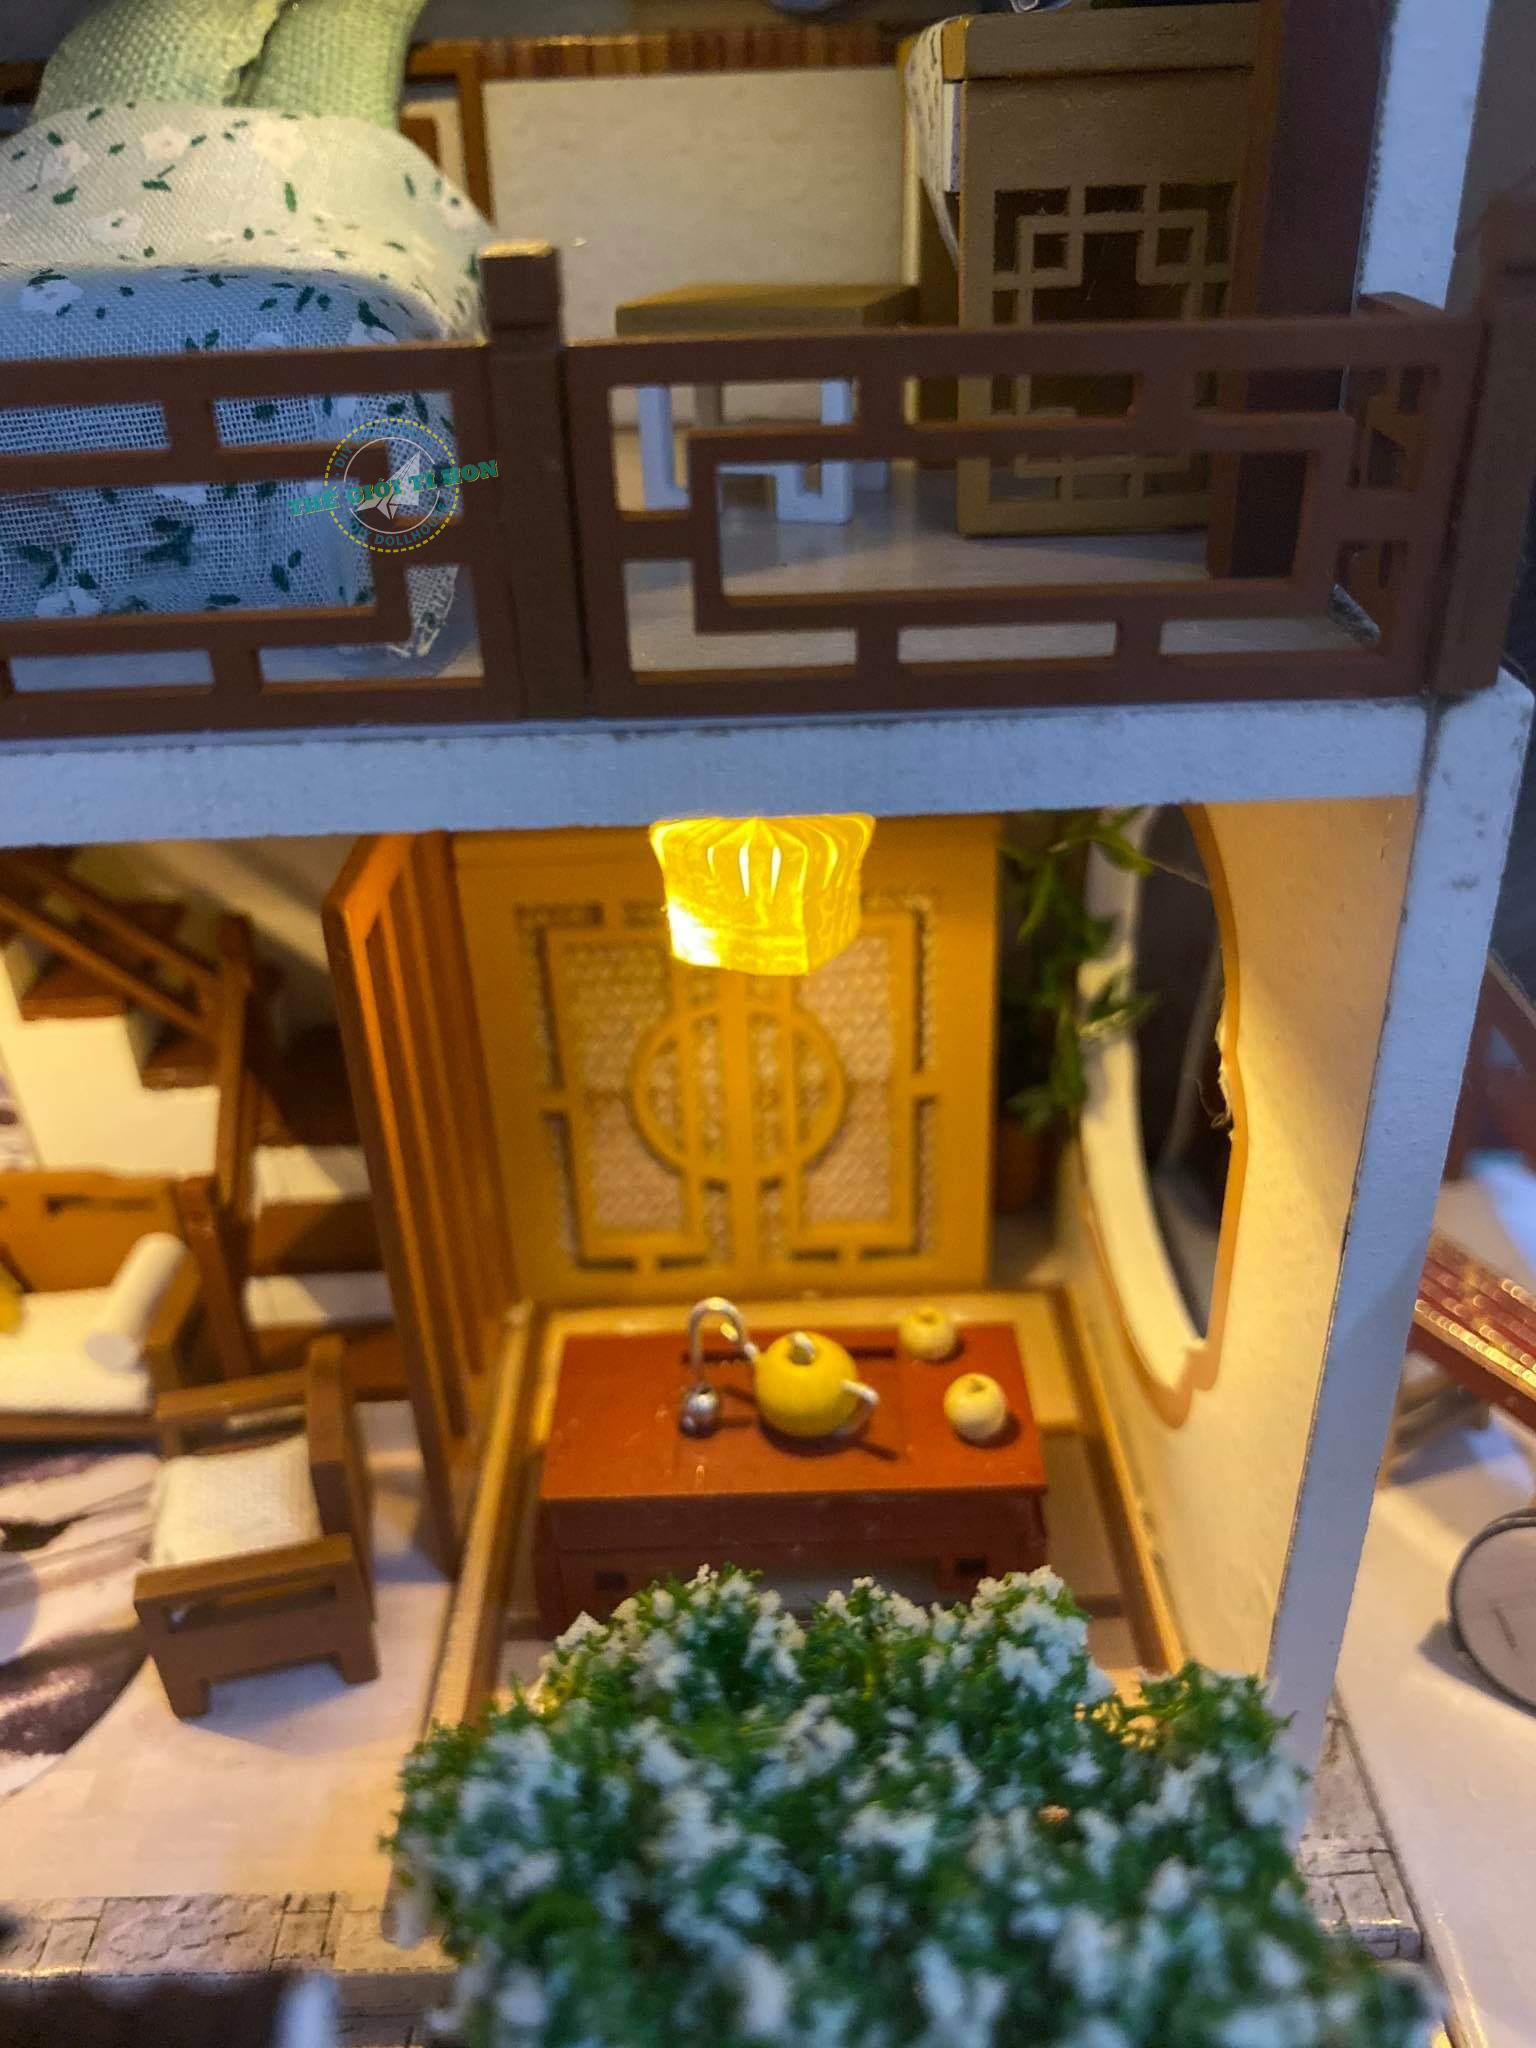 Đồ Chơi Mô Hình Gỗ DIY Cổ Trang Của Bạn Tân - M912